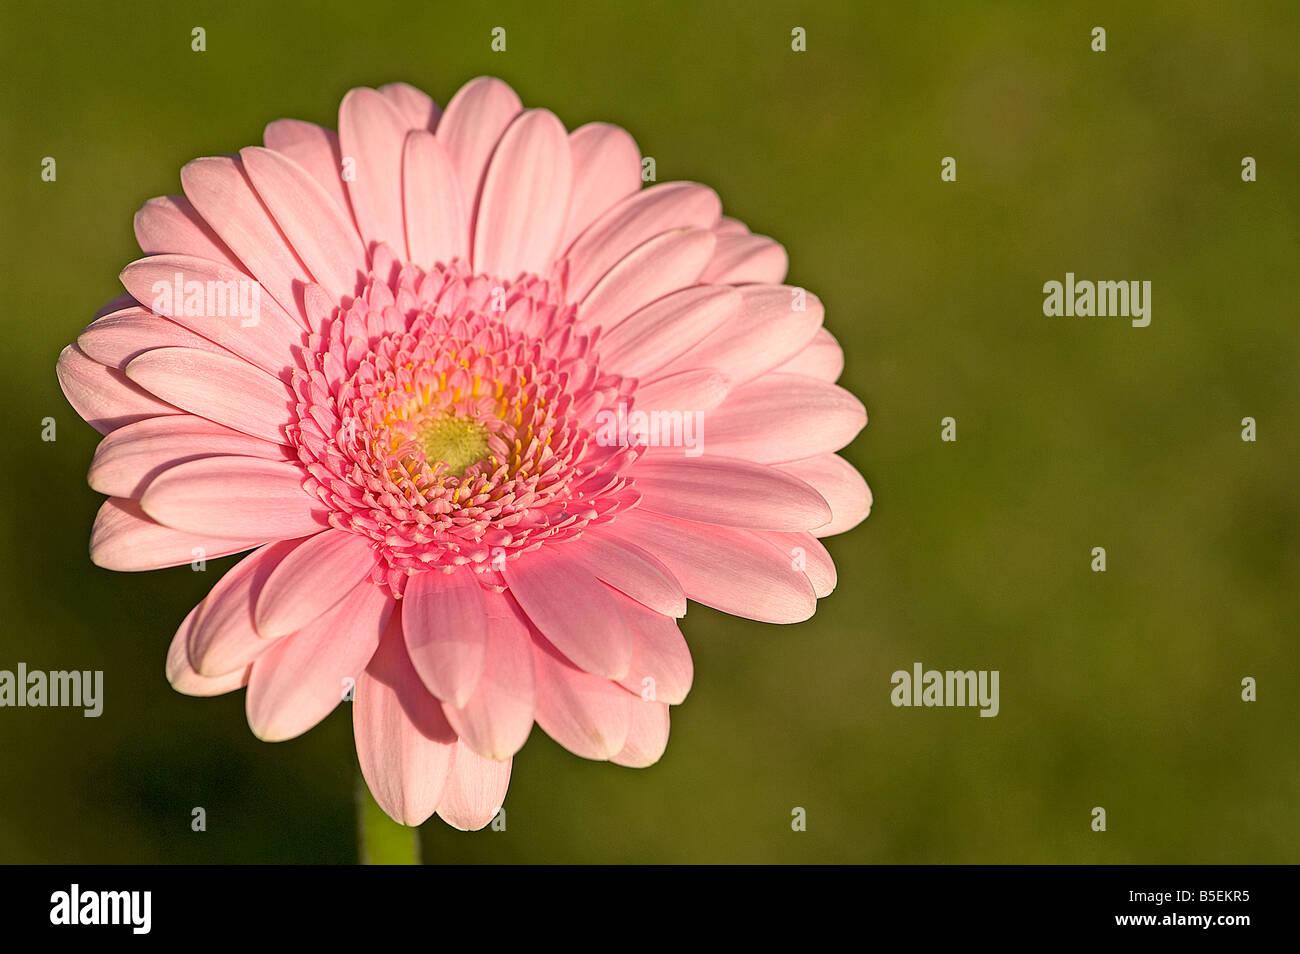 Gerbera rose montrant la symétrie radiale disque et rayons typiques de la famille des marguerites Photo Stock